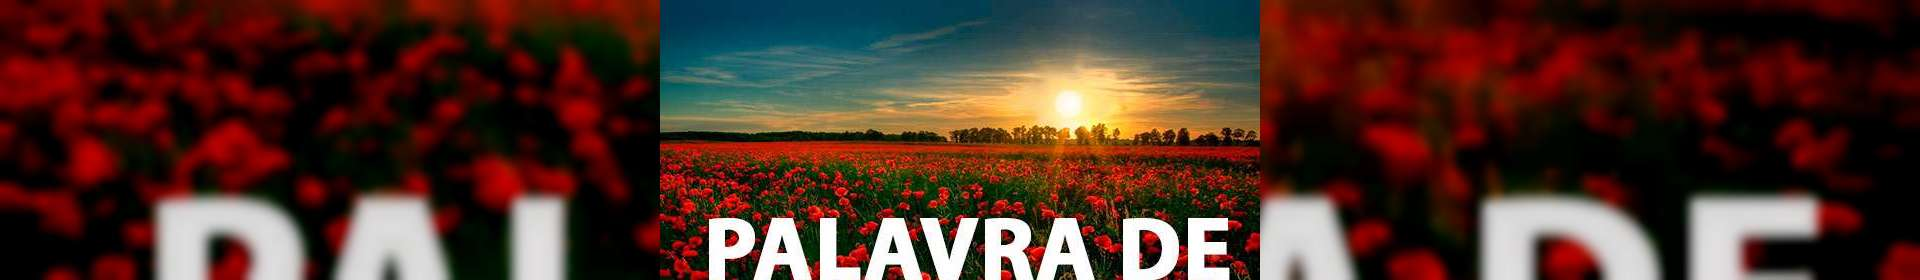 Salmos 46:10 - Uma Palavra de Esperança para sua vida